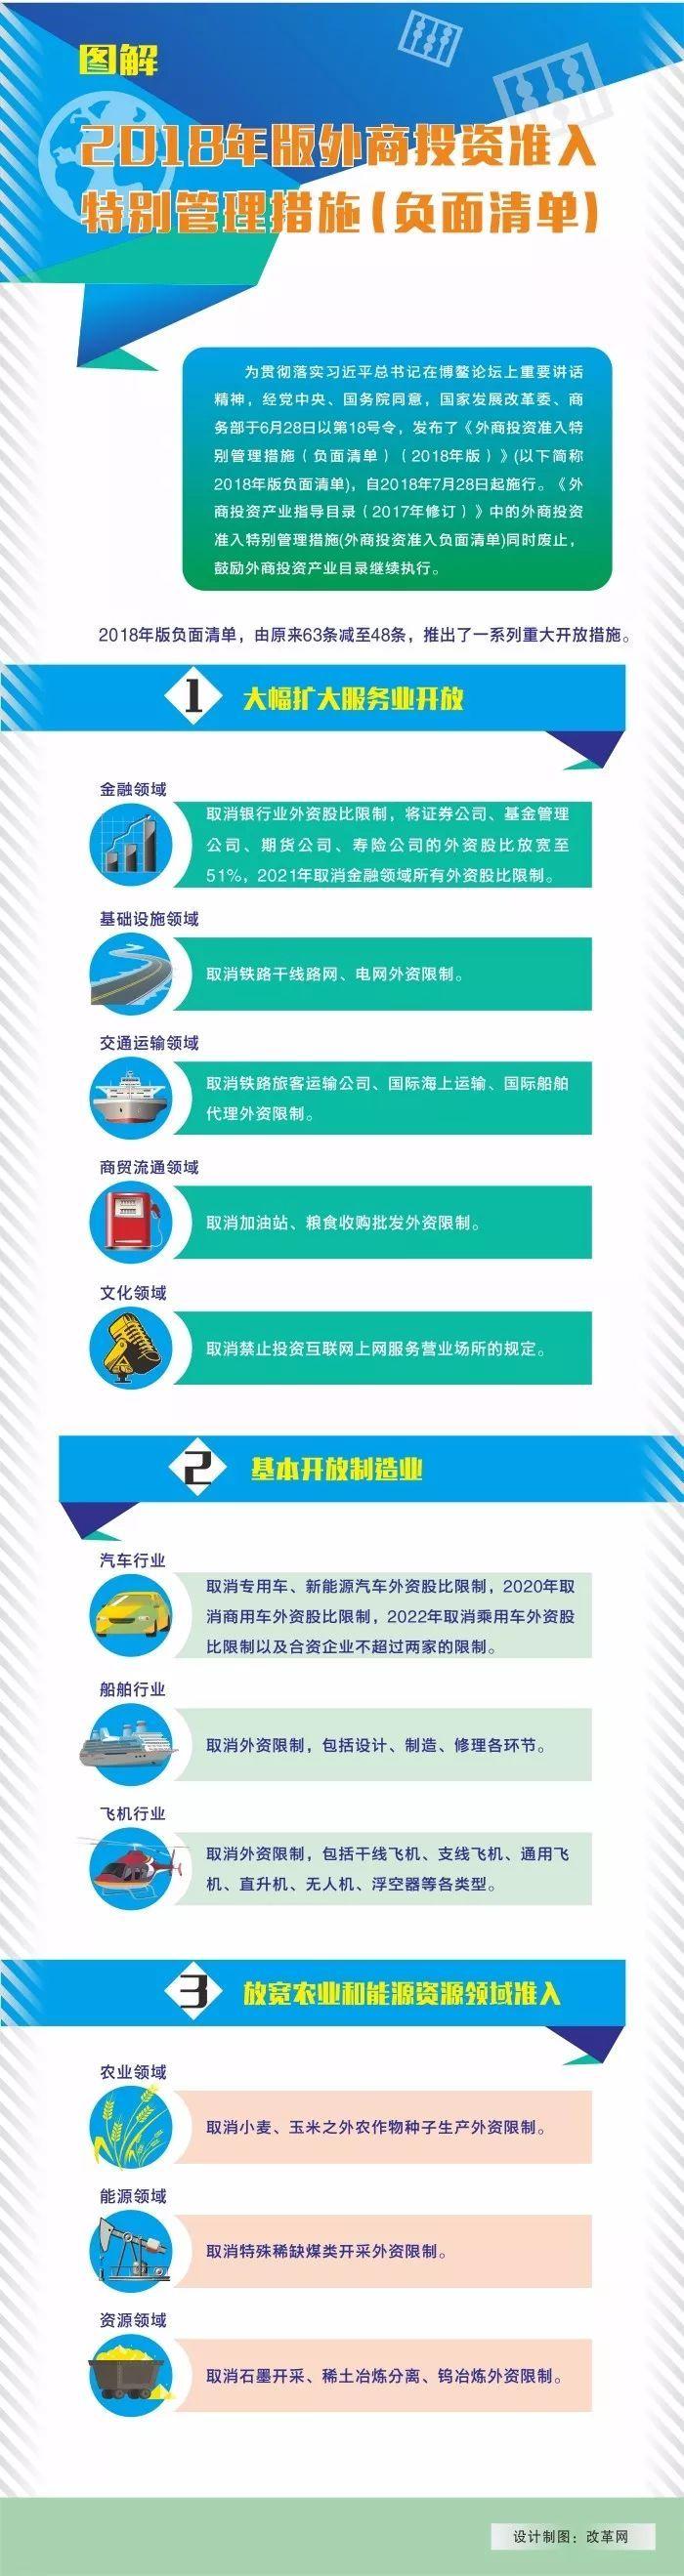 【一目了然 】图解中国2018年版外商投资准入特别管理措施(负面清单)